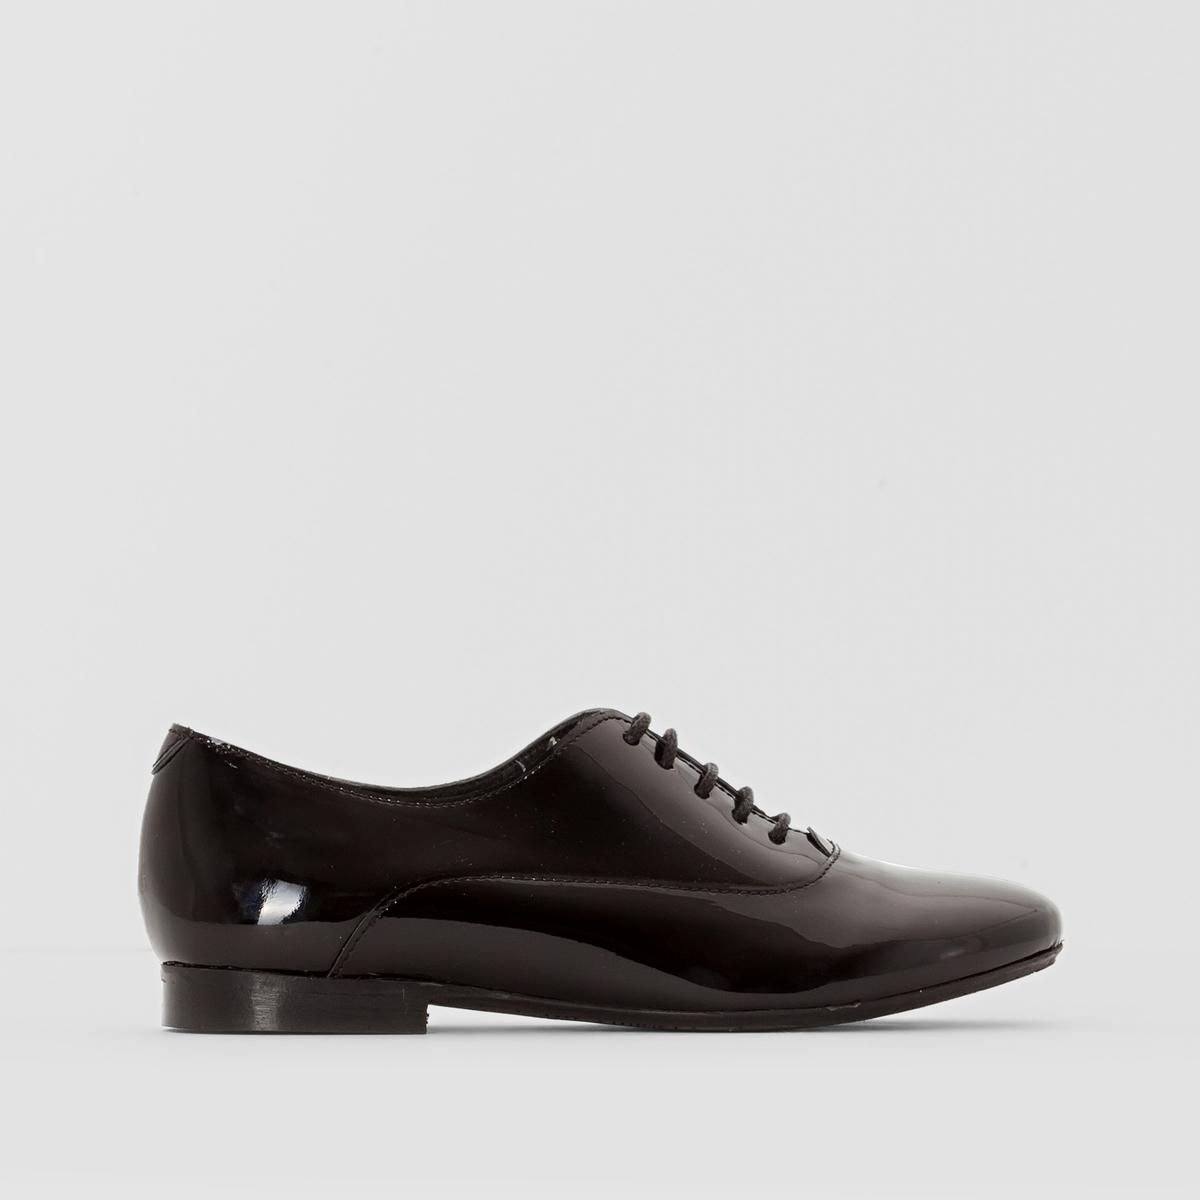 Ботинки дерби ANNE от La Redoute